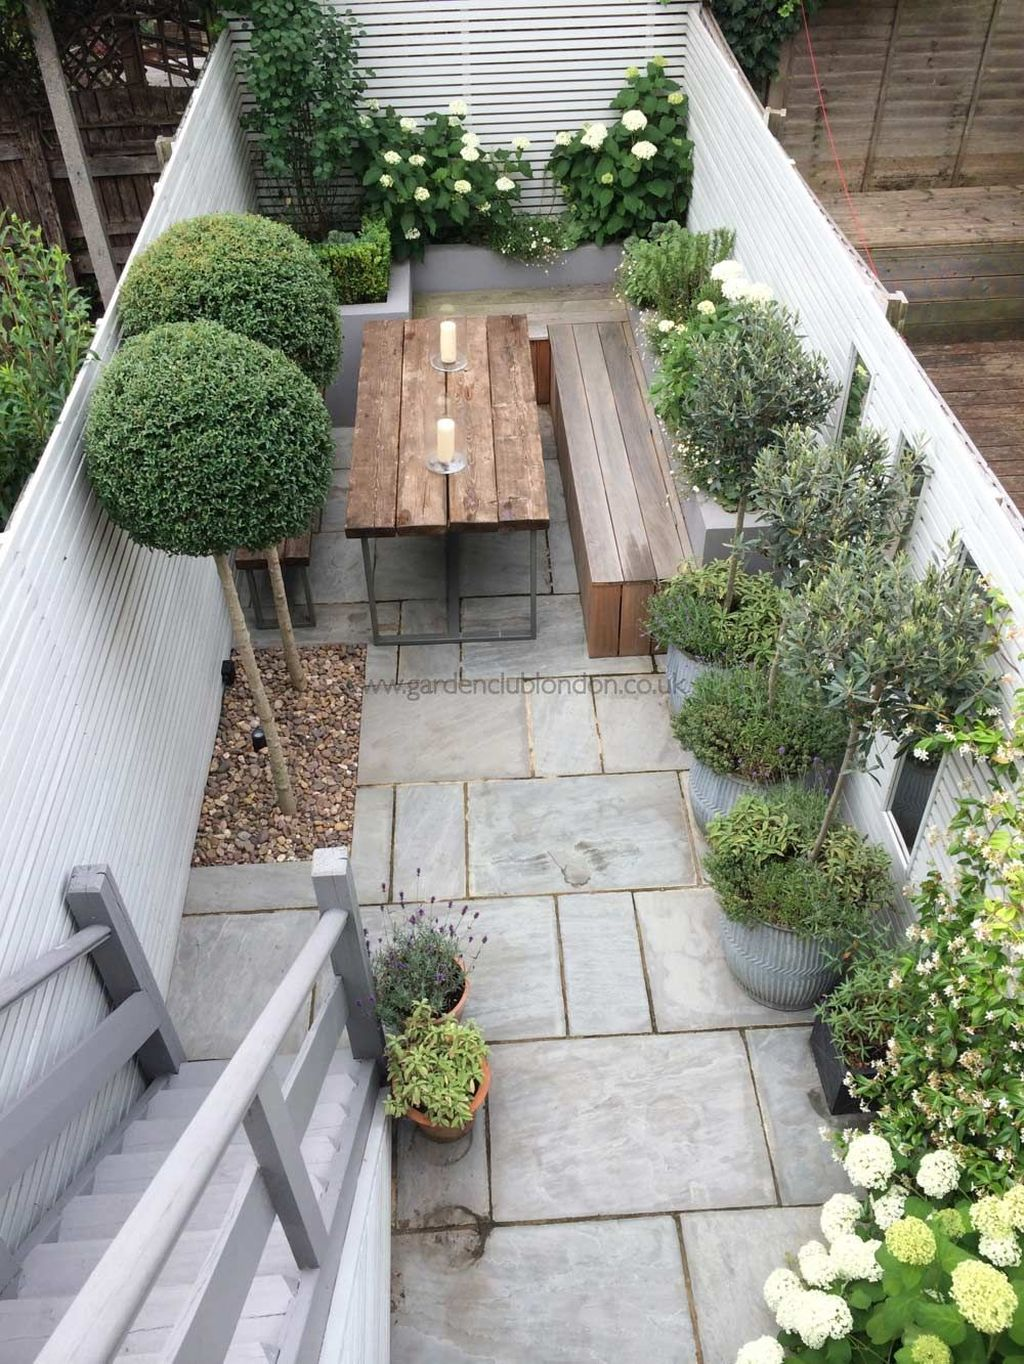 Trending Patio Garden Design Ideas Best For Summertime 28